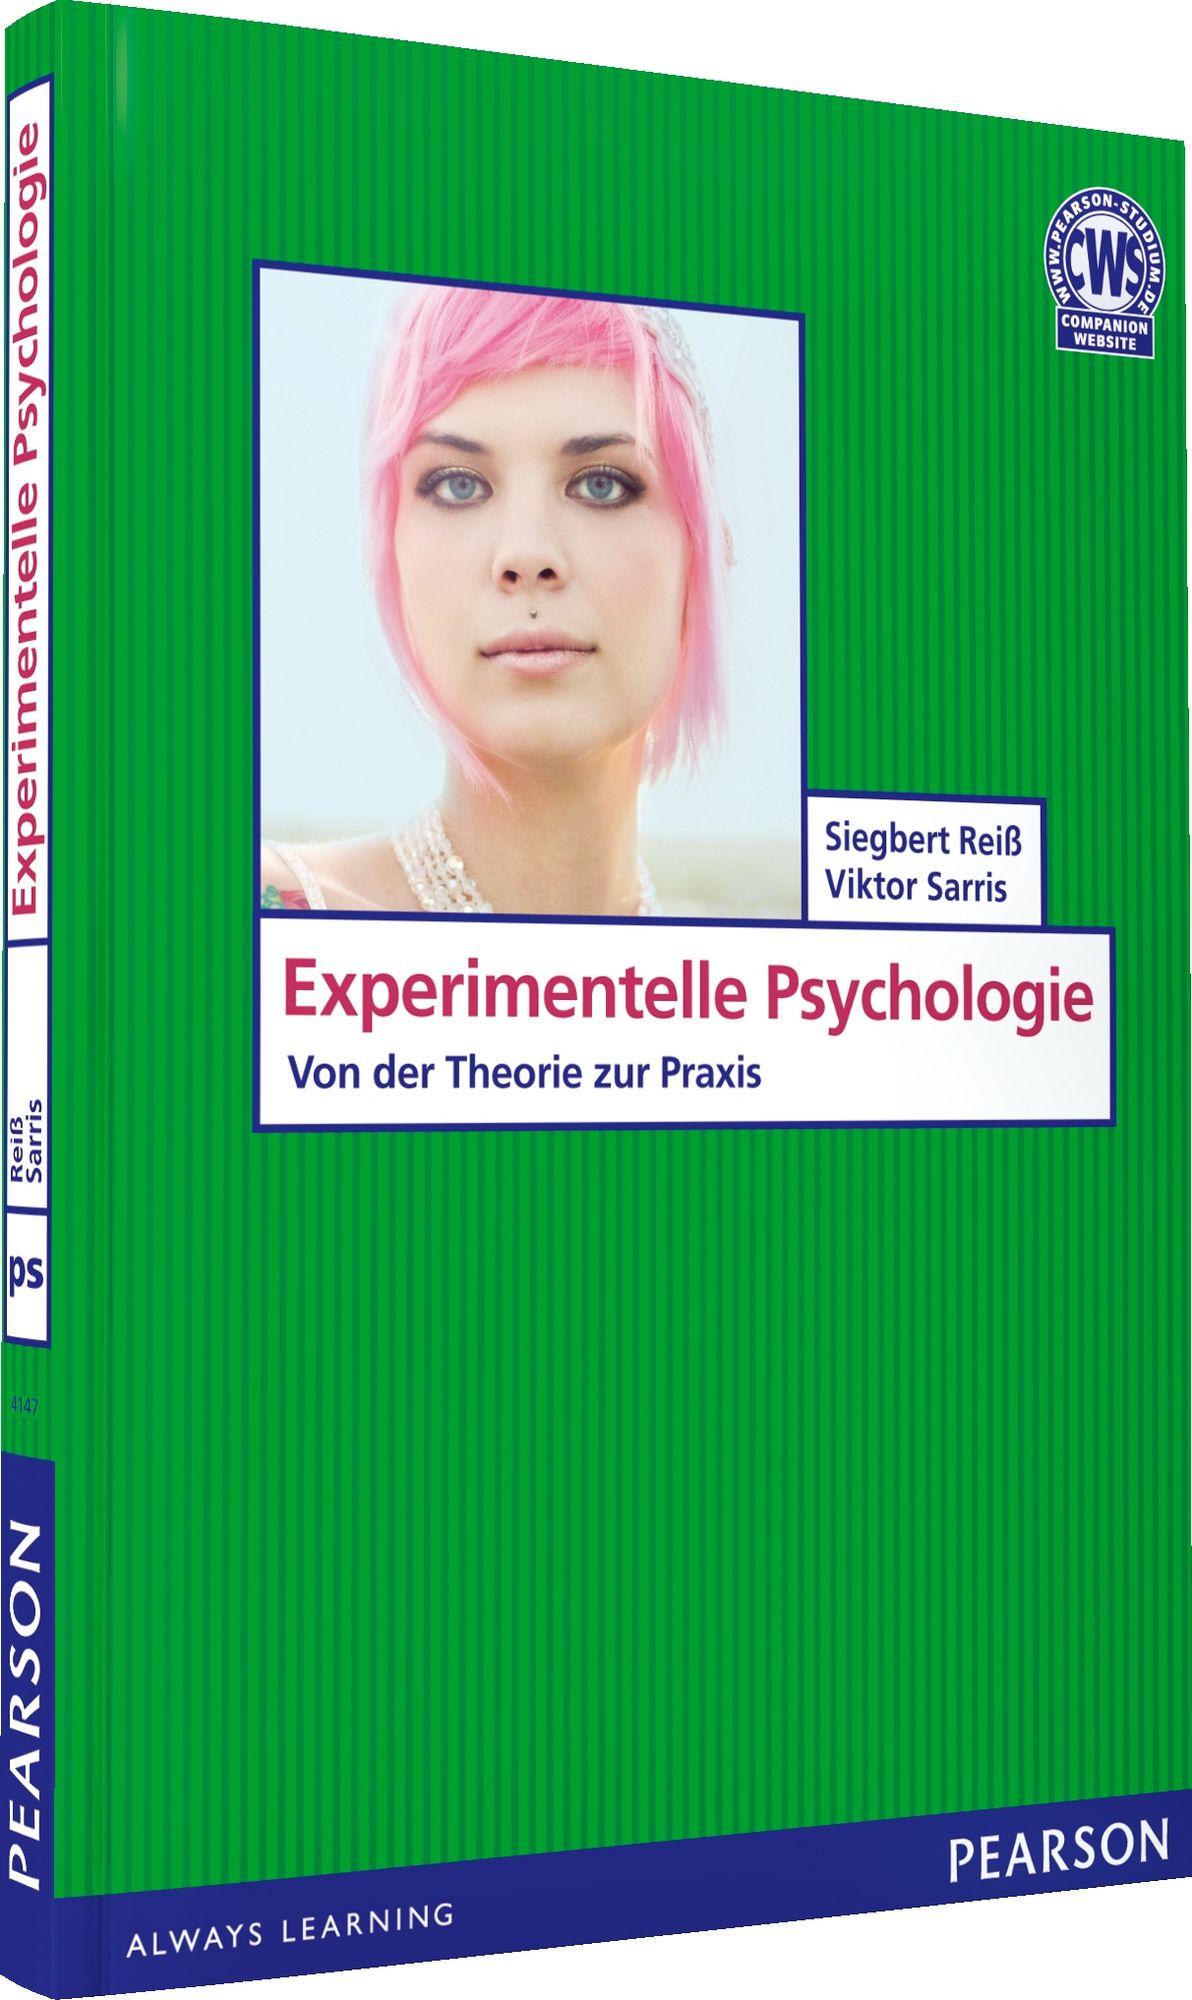 Experimentelle Psychologie: Von der Theorie zur...